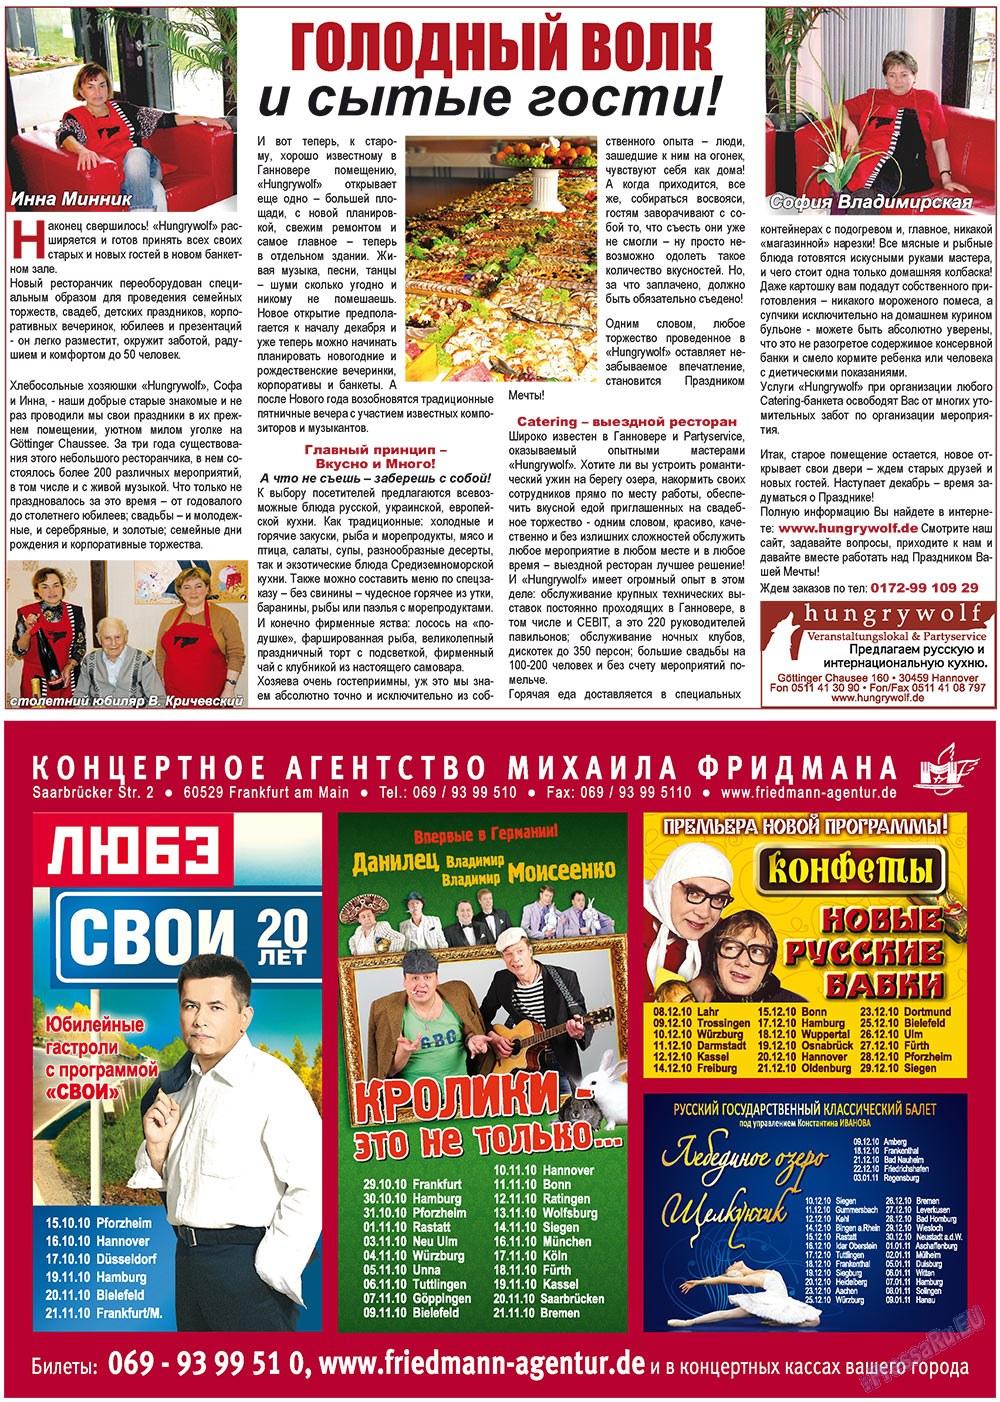 Наше время (газета). 2010 год, номер 10, стр. 22